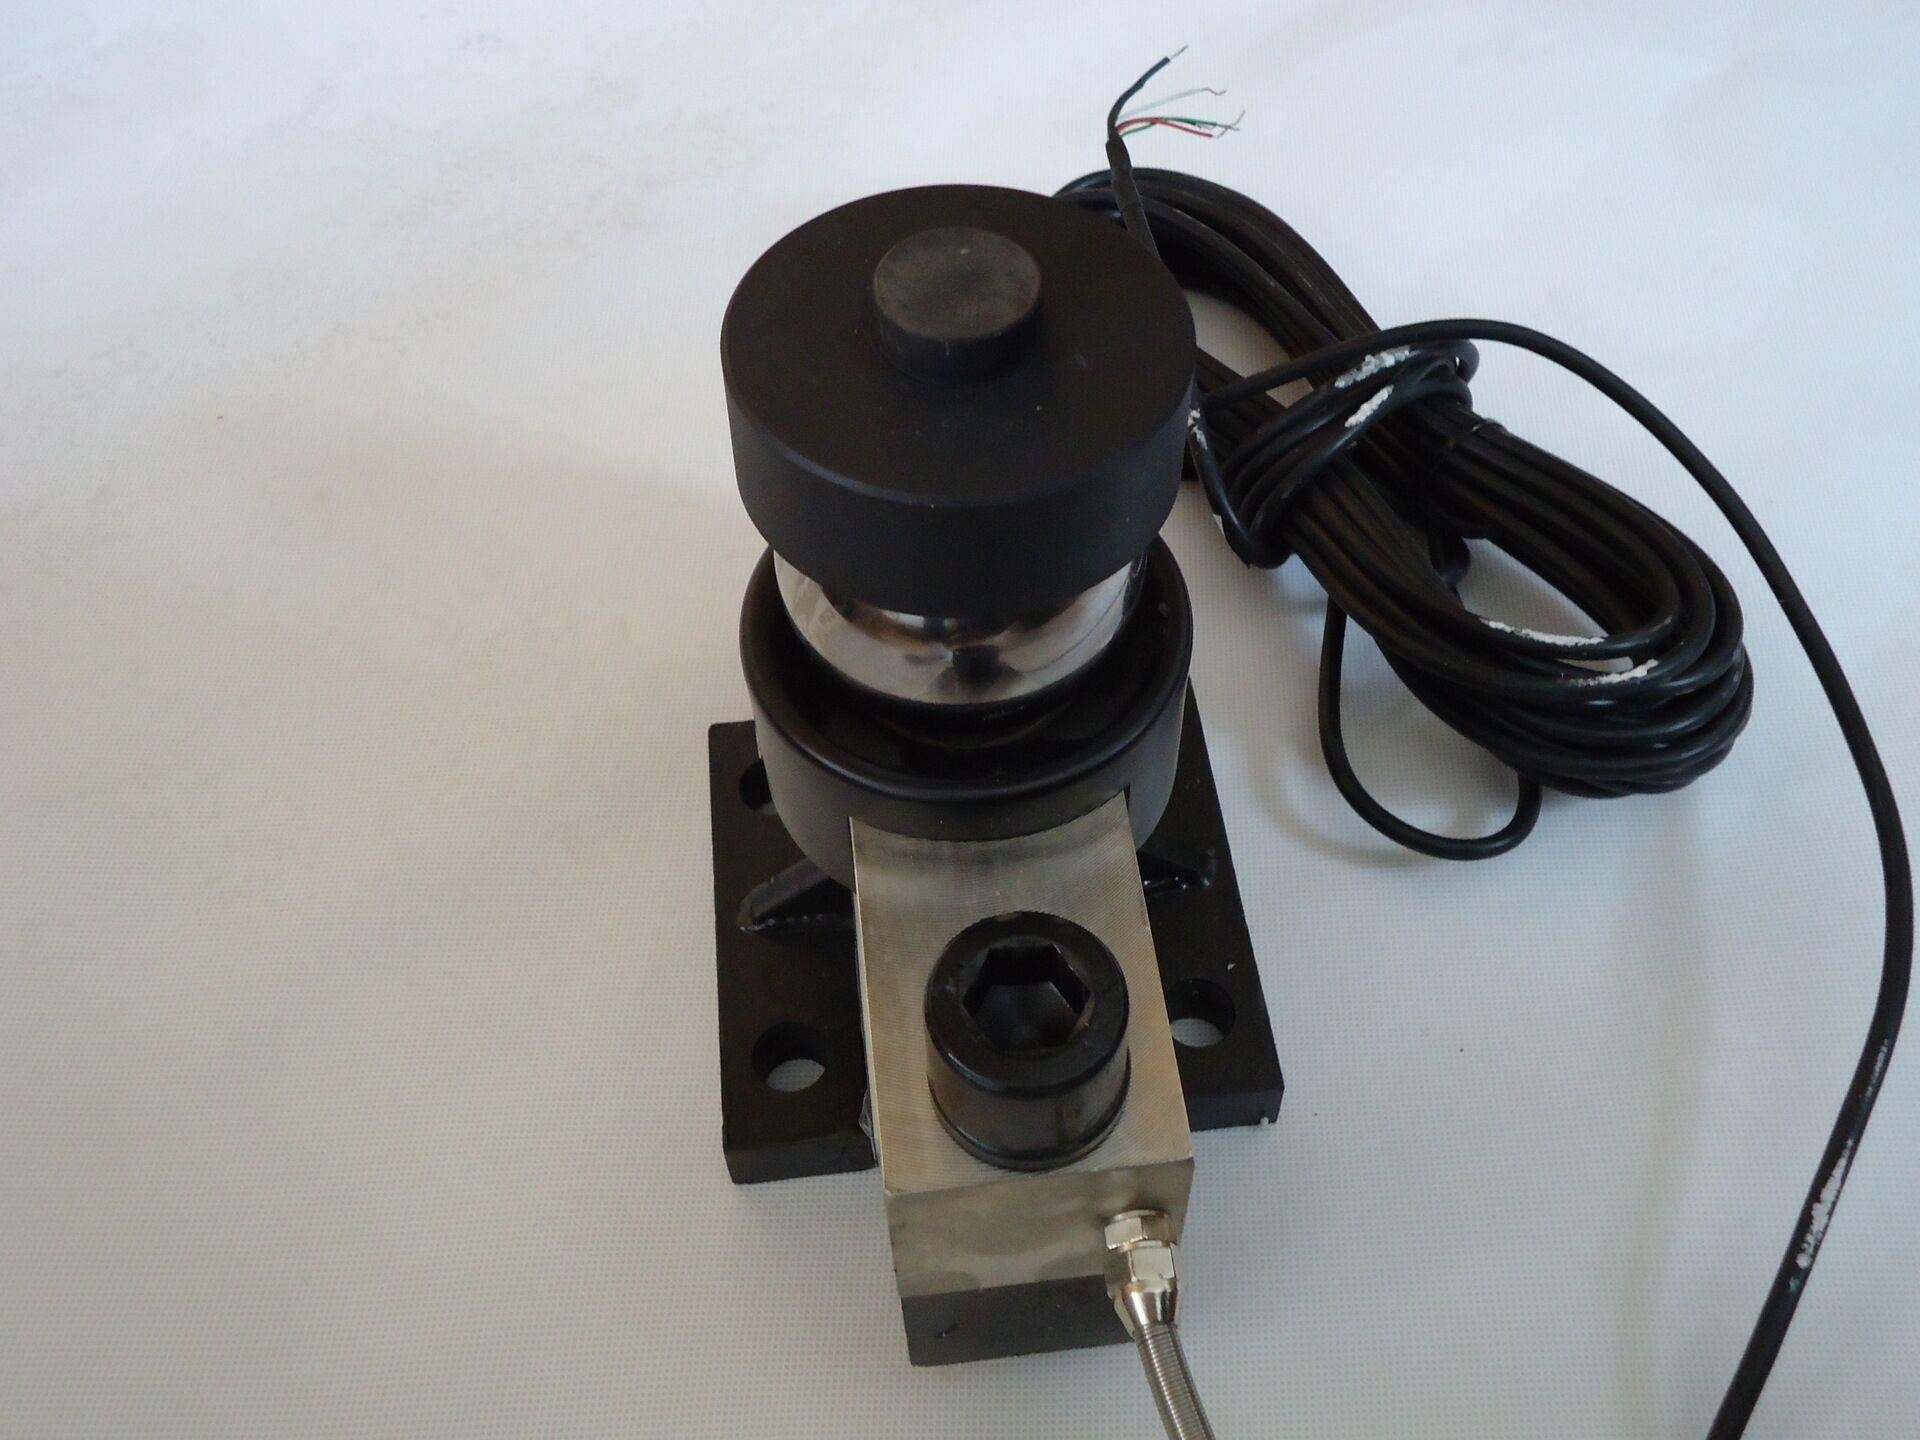 ②称重传感器与接线盒的连接 将称重传感器的电缆线穿越秤台,经密封